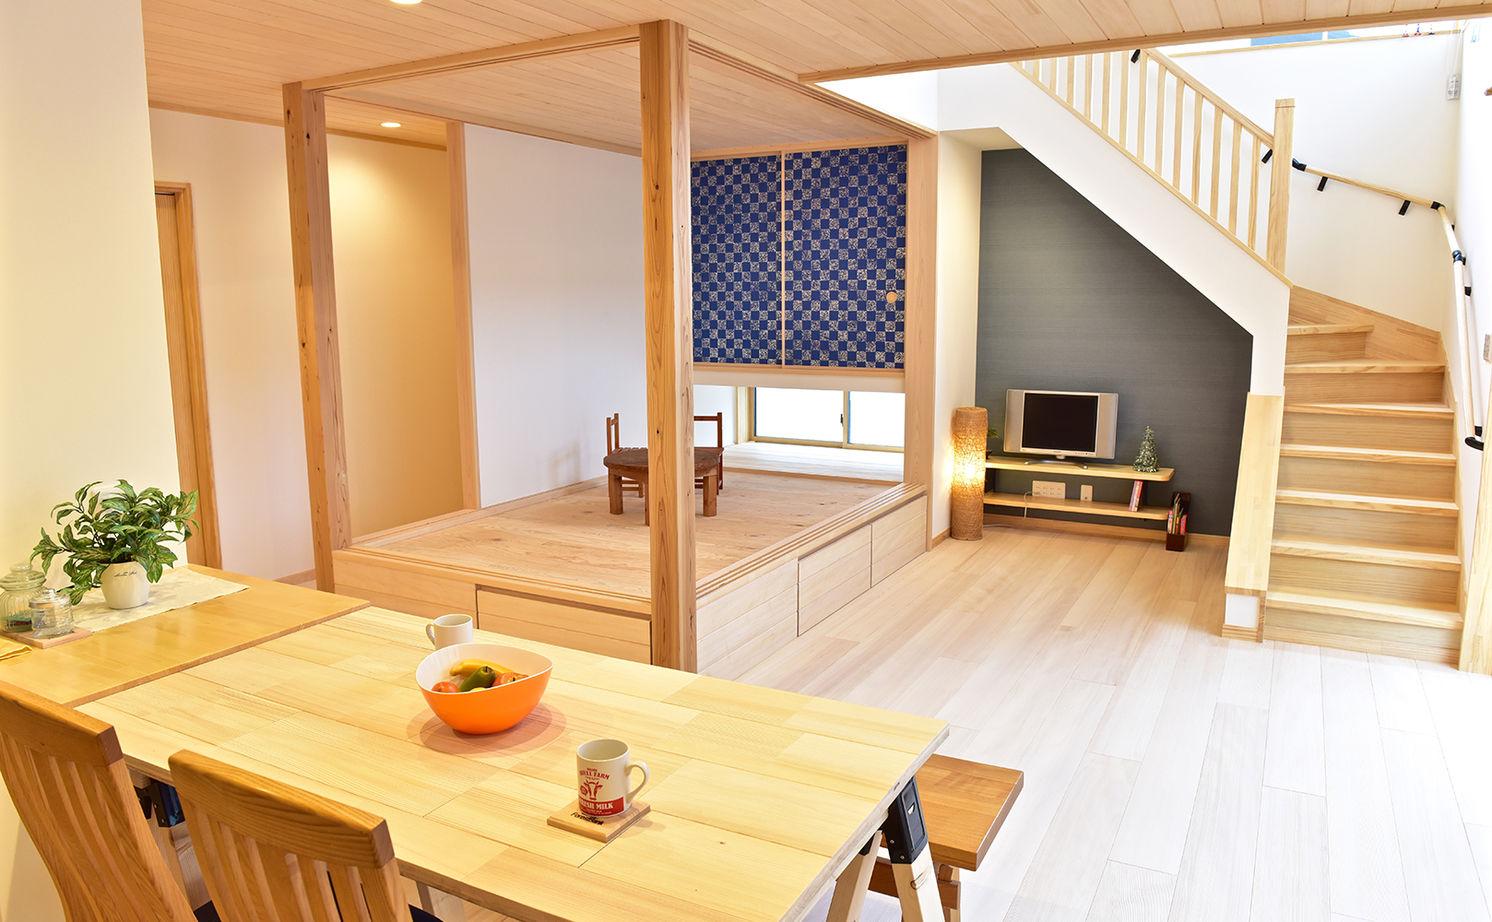 【本体価格2300万円】「もみの木」の家で自然素材の心地よさを実感。便利な生活動線にも大満足の住まい画像1